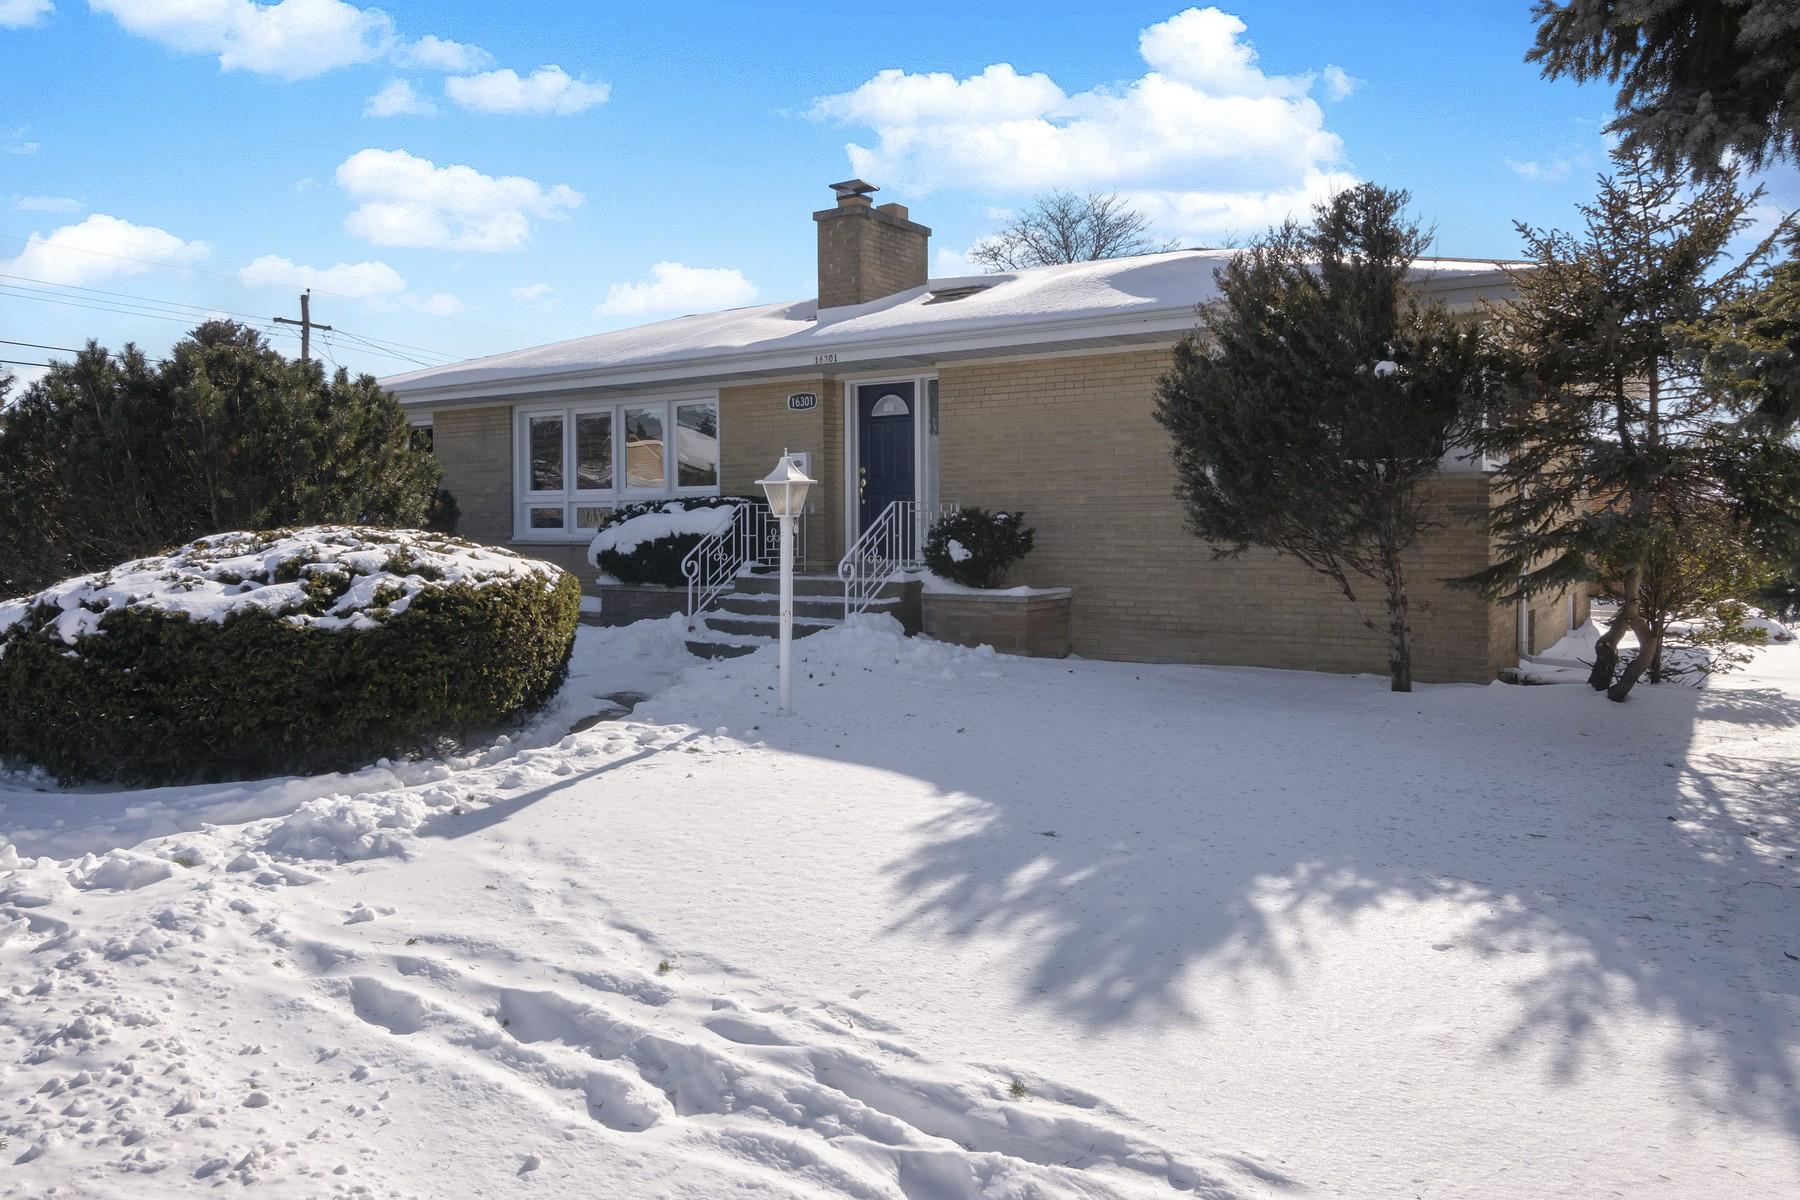 Частный односемейный дом для того Продажа на Oversized Brick Ranch on Corner Lot 16301 Greenwood Avenue South Holland, Иллинойс 60473 Соединенные Штаты